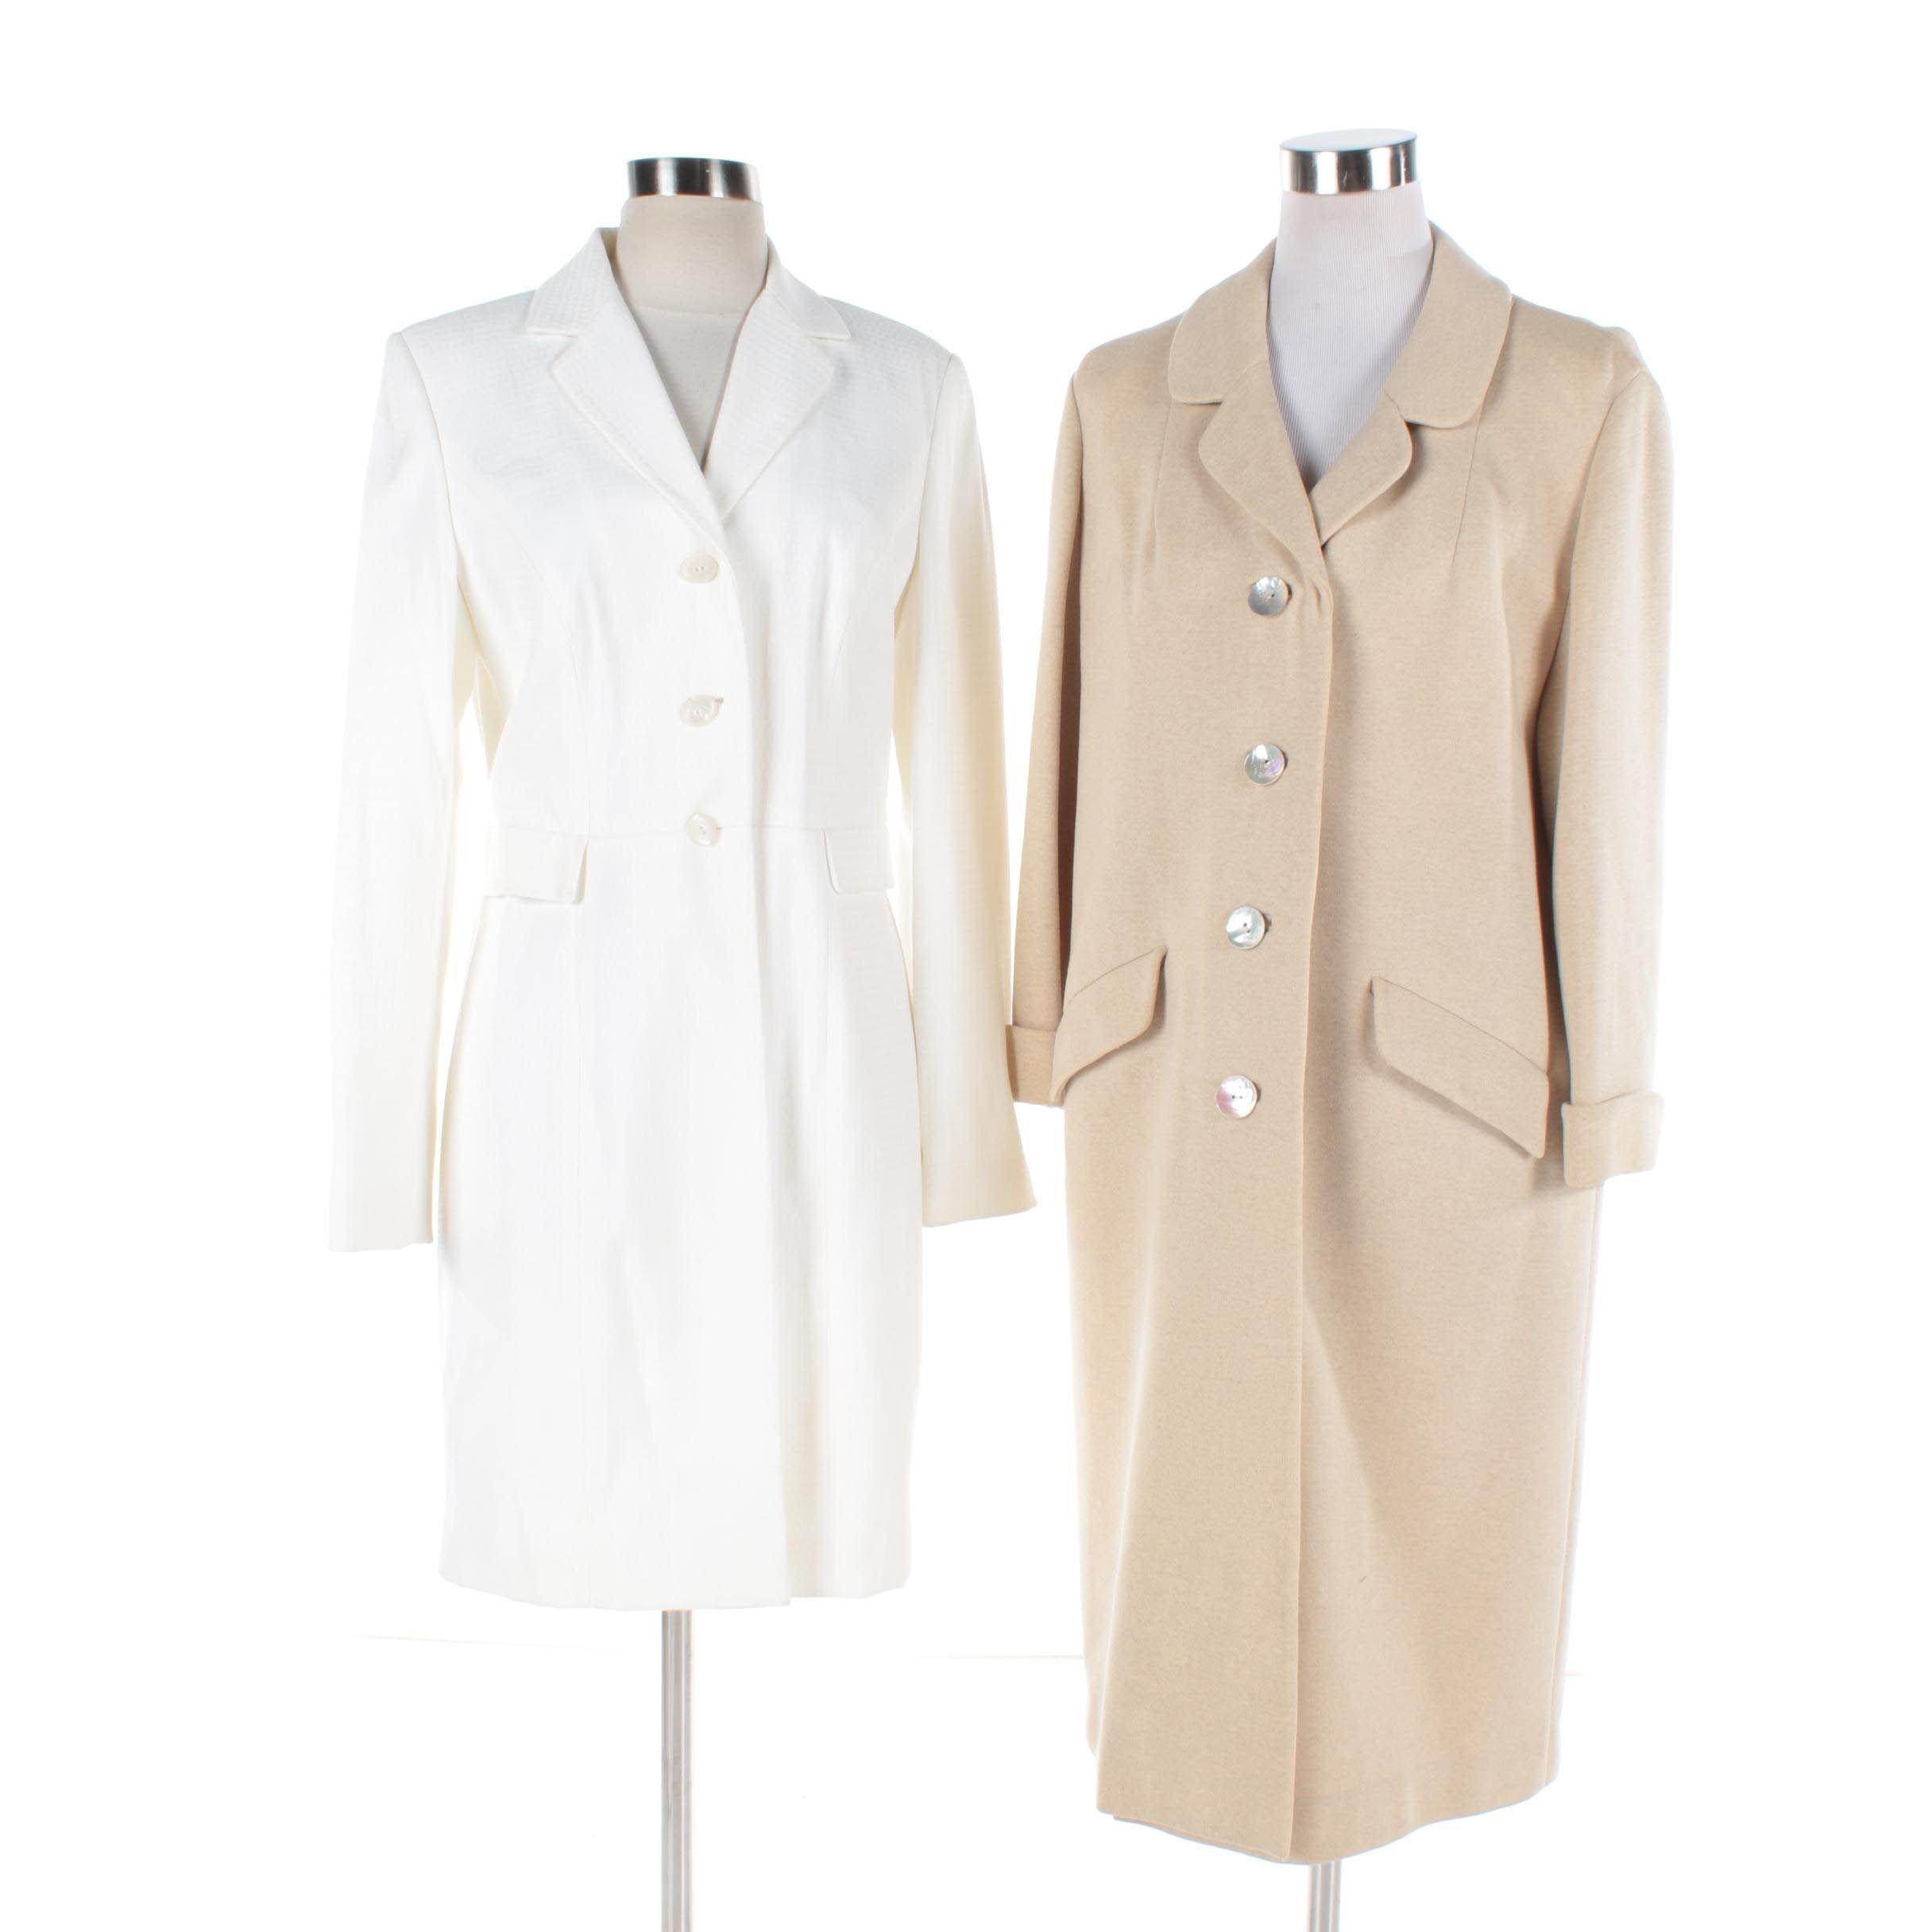 Women's Outerwear, Including Deréta